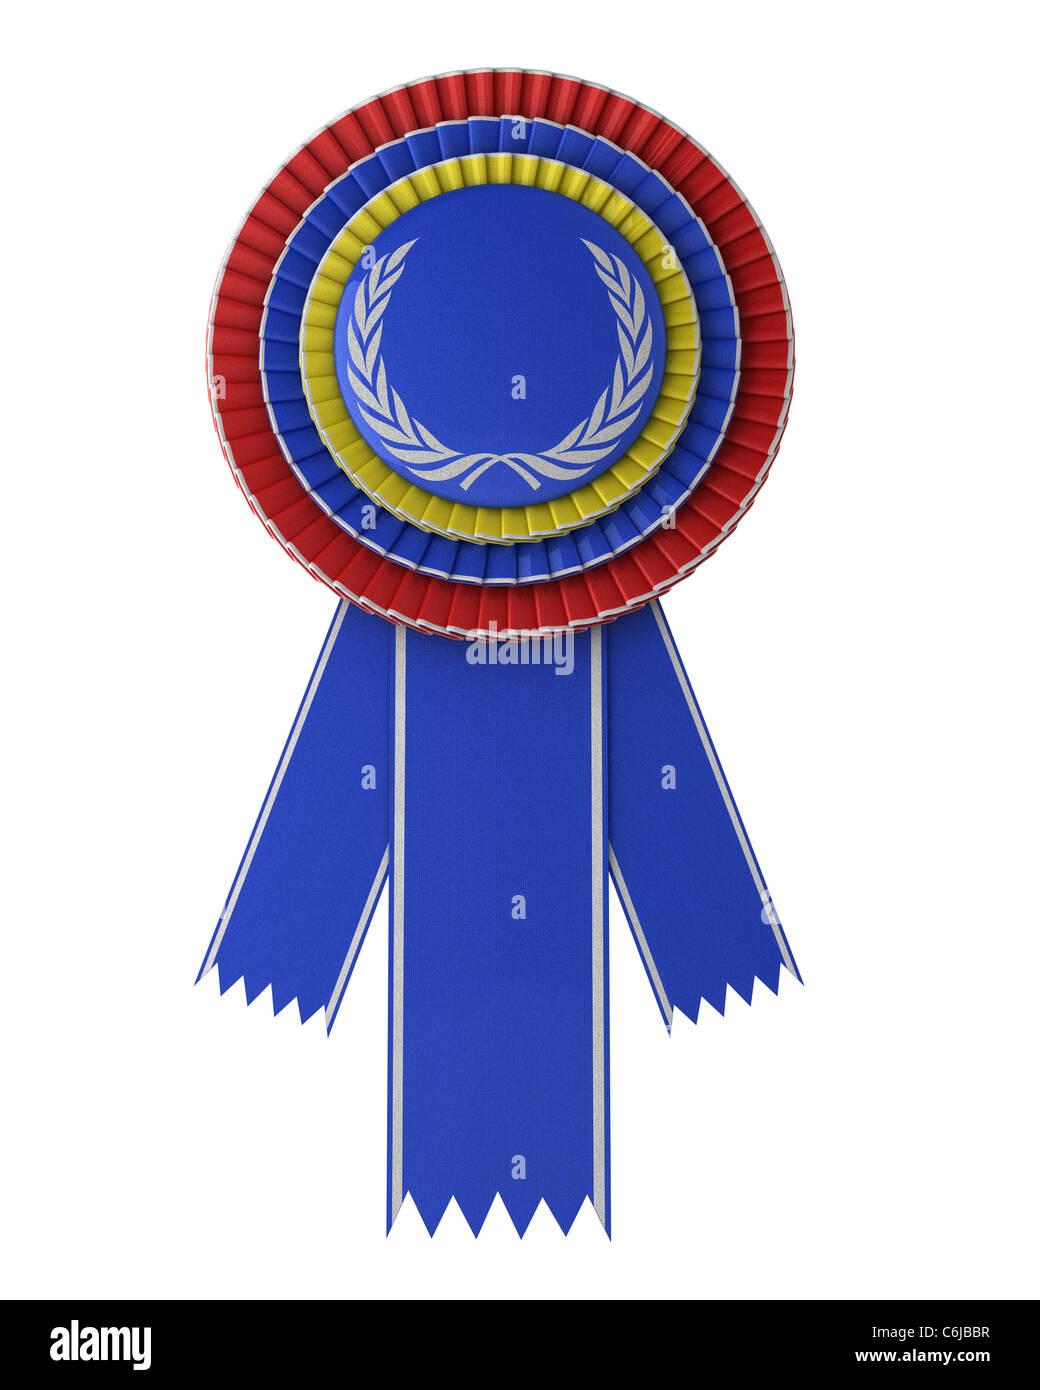 Colorful award ribbon - Stock Image